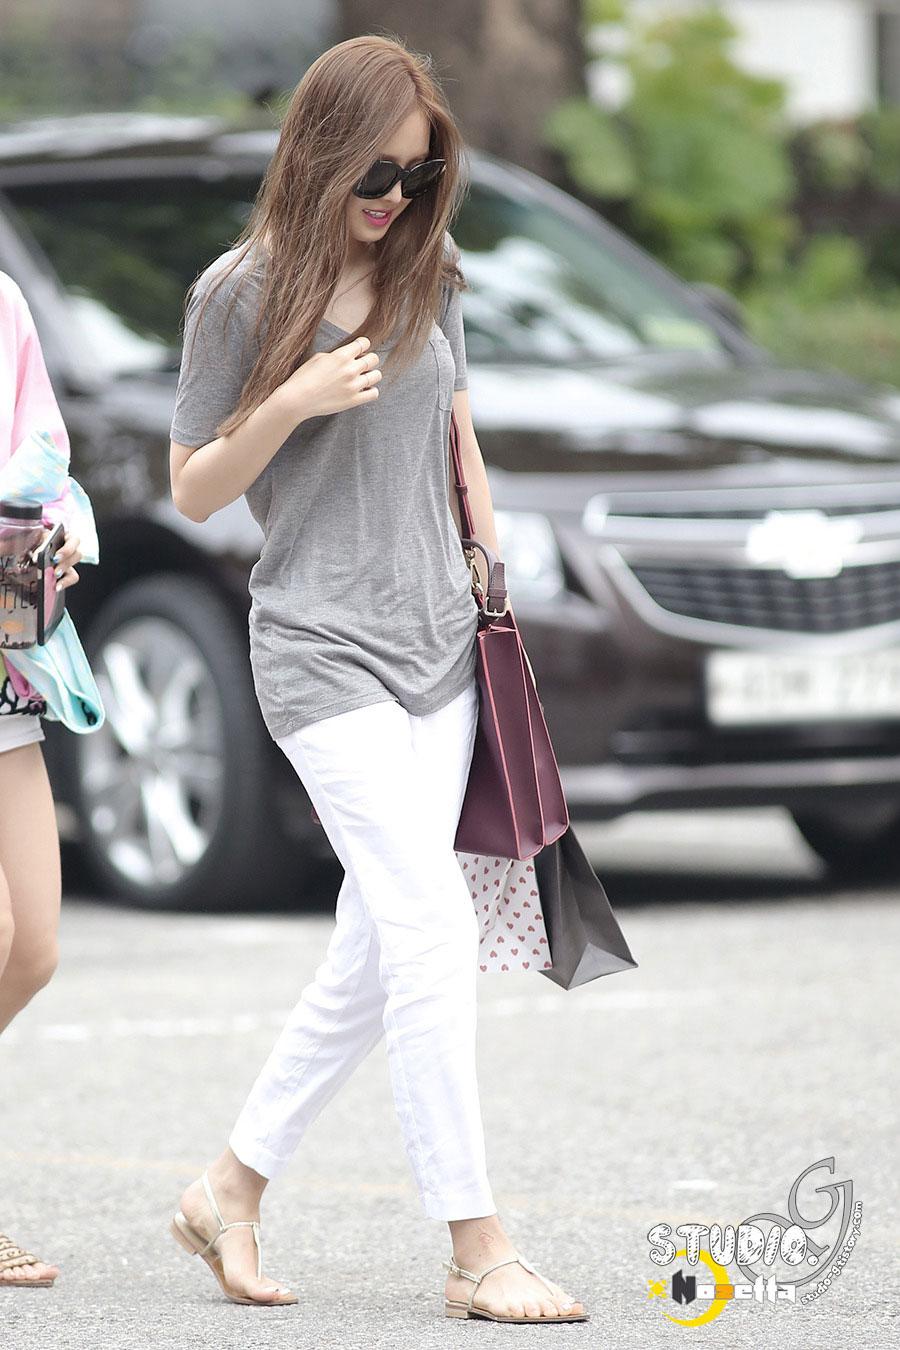 Apink Naeun KBS Music Bank commute